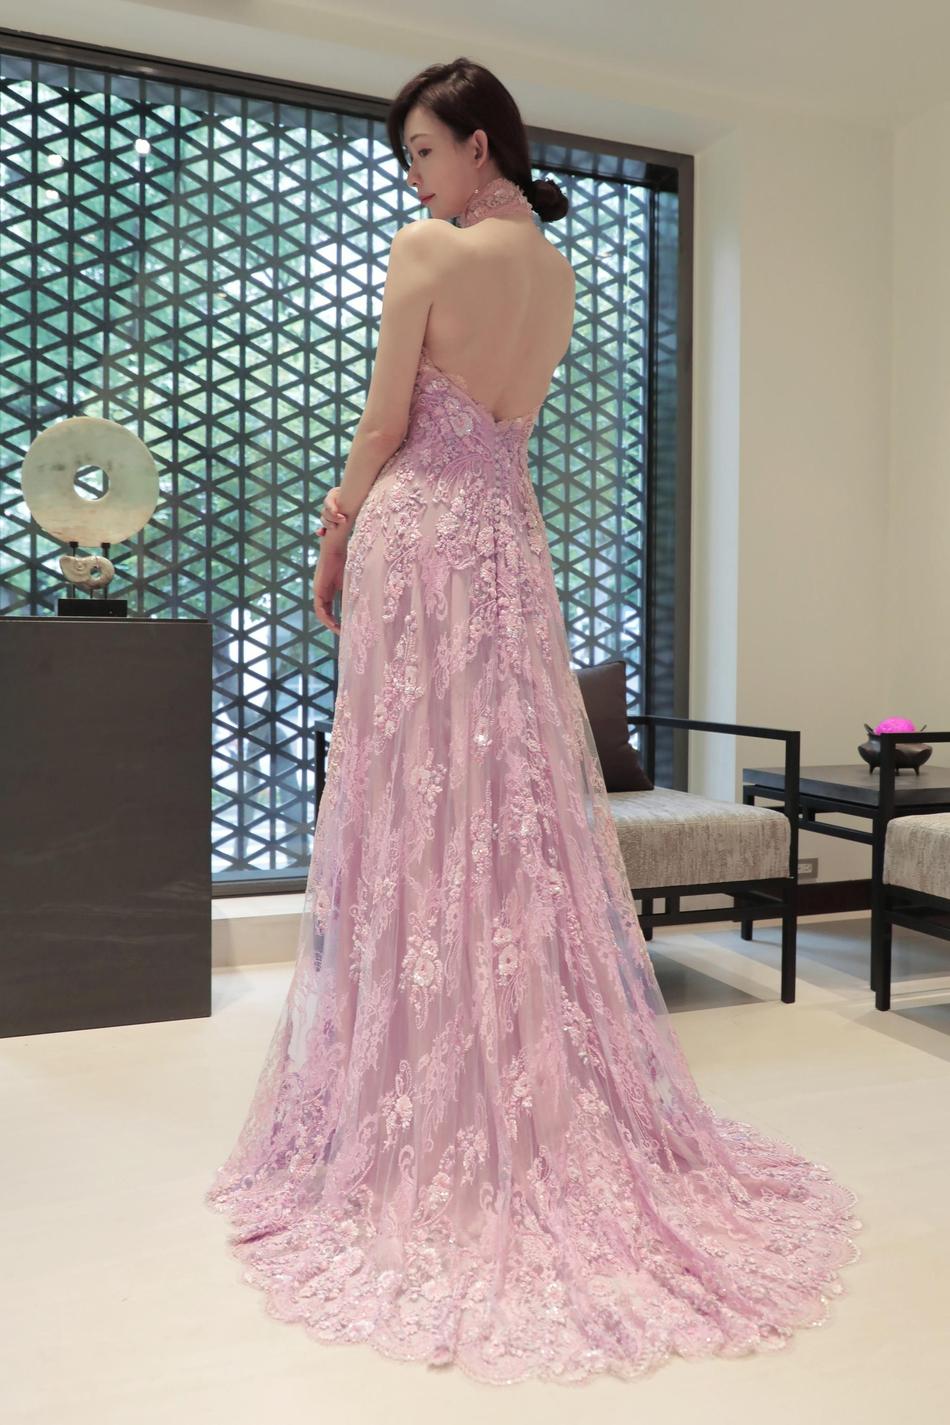 林志玲中式结婚礼服设计手稿曝光 露背装典雅迷人